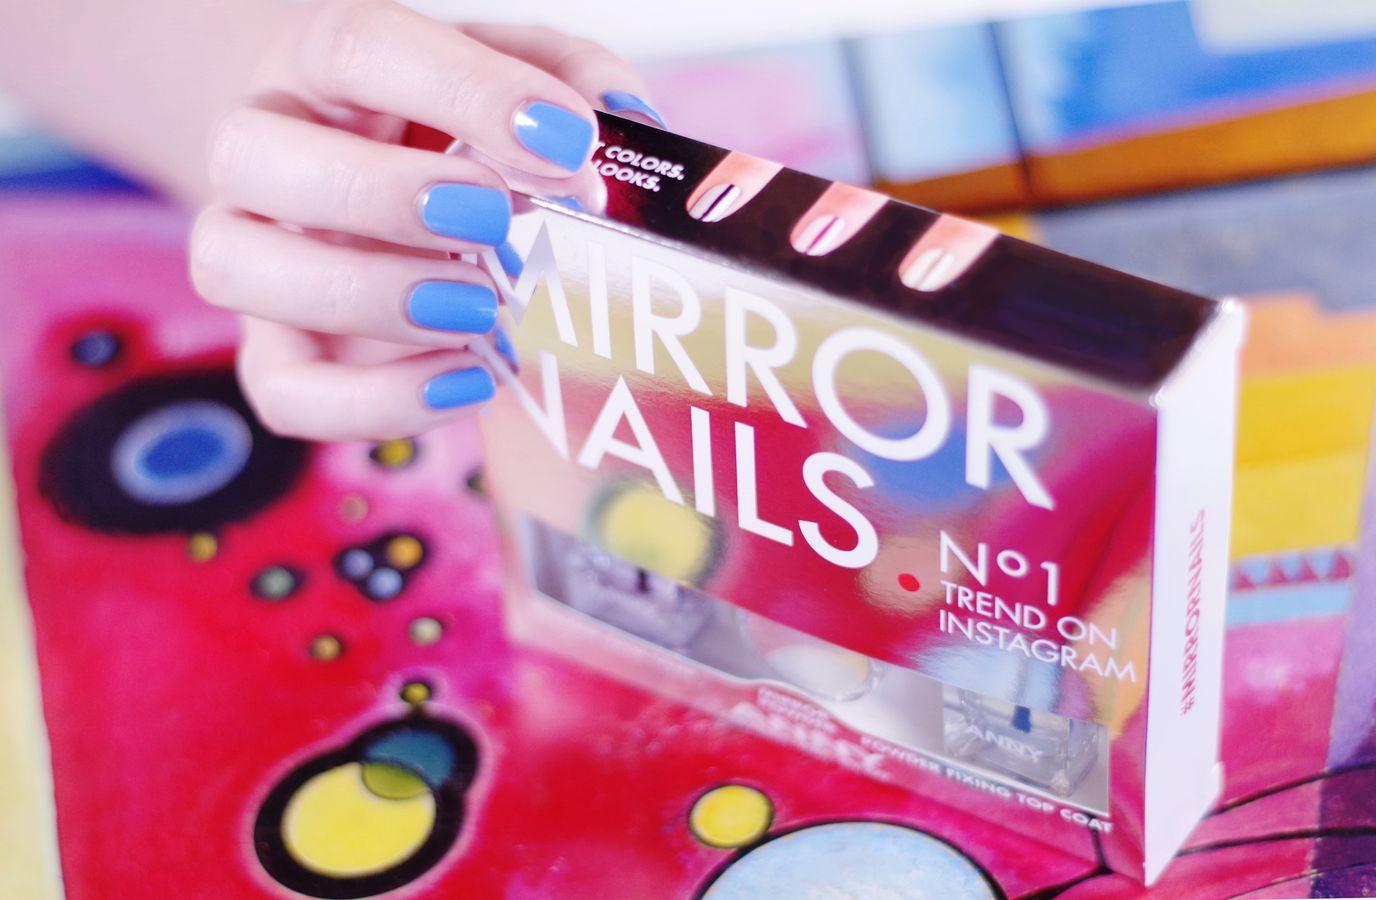 Zrcadlove Nehty Od Anny Uzitecne Rady Snidane V Parfumerii